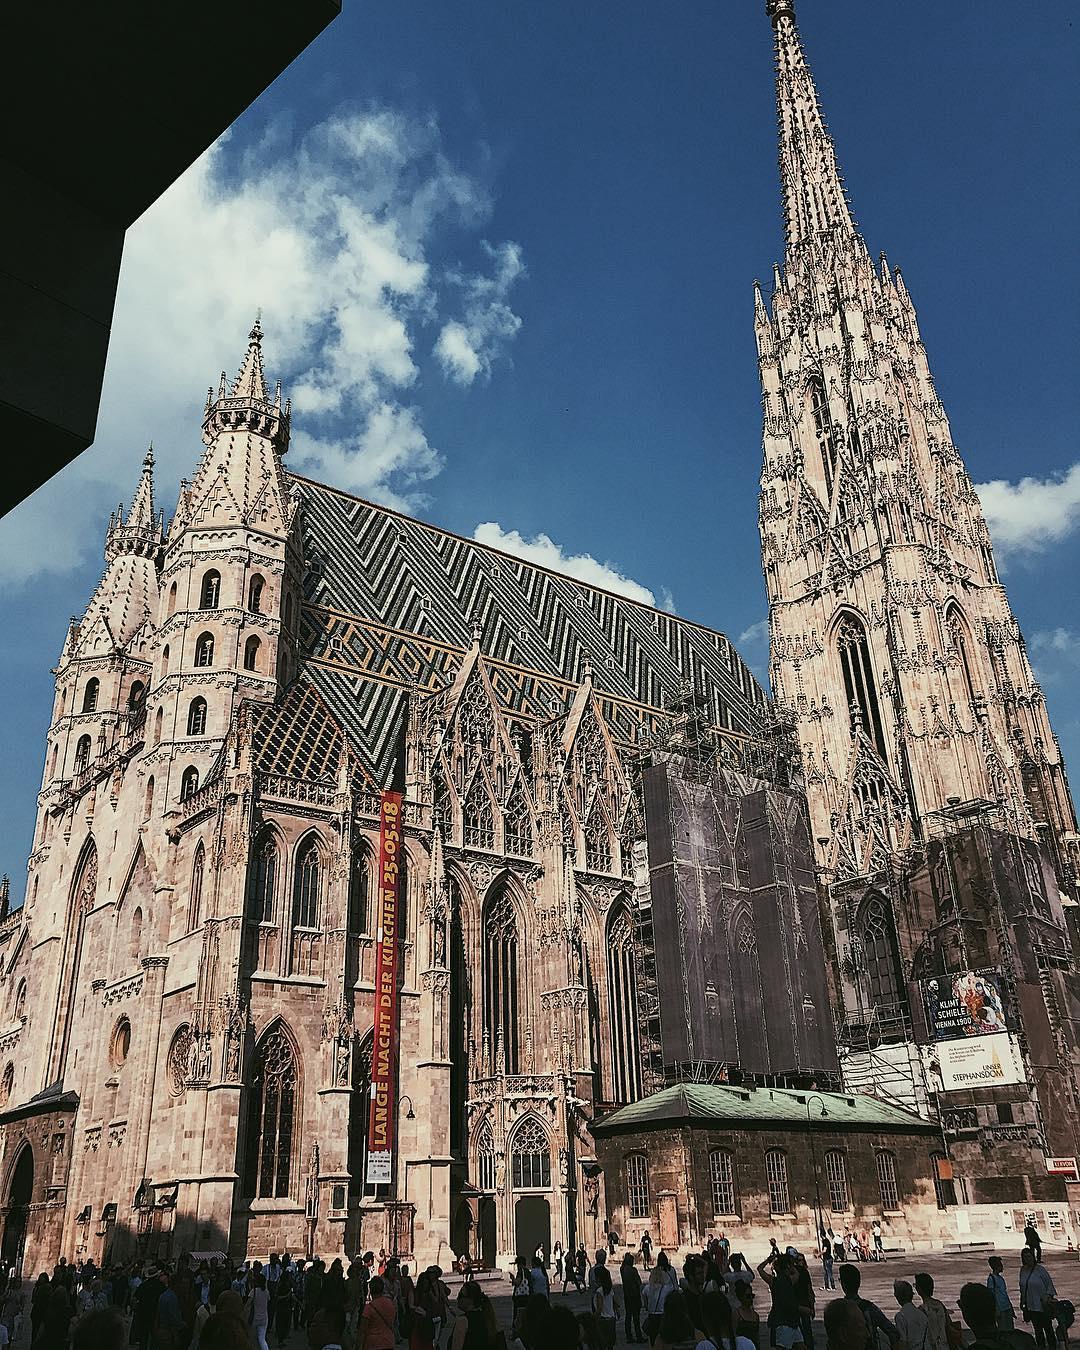 كاتدرائية فيينا - افضل الاماكن السياحية في فيينا